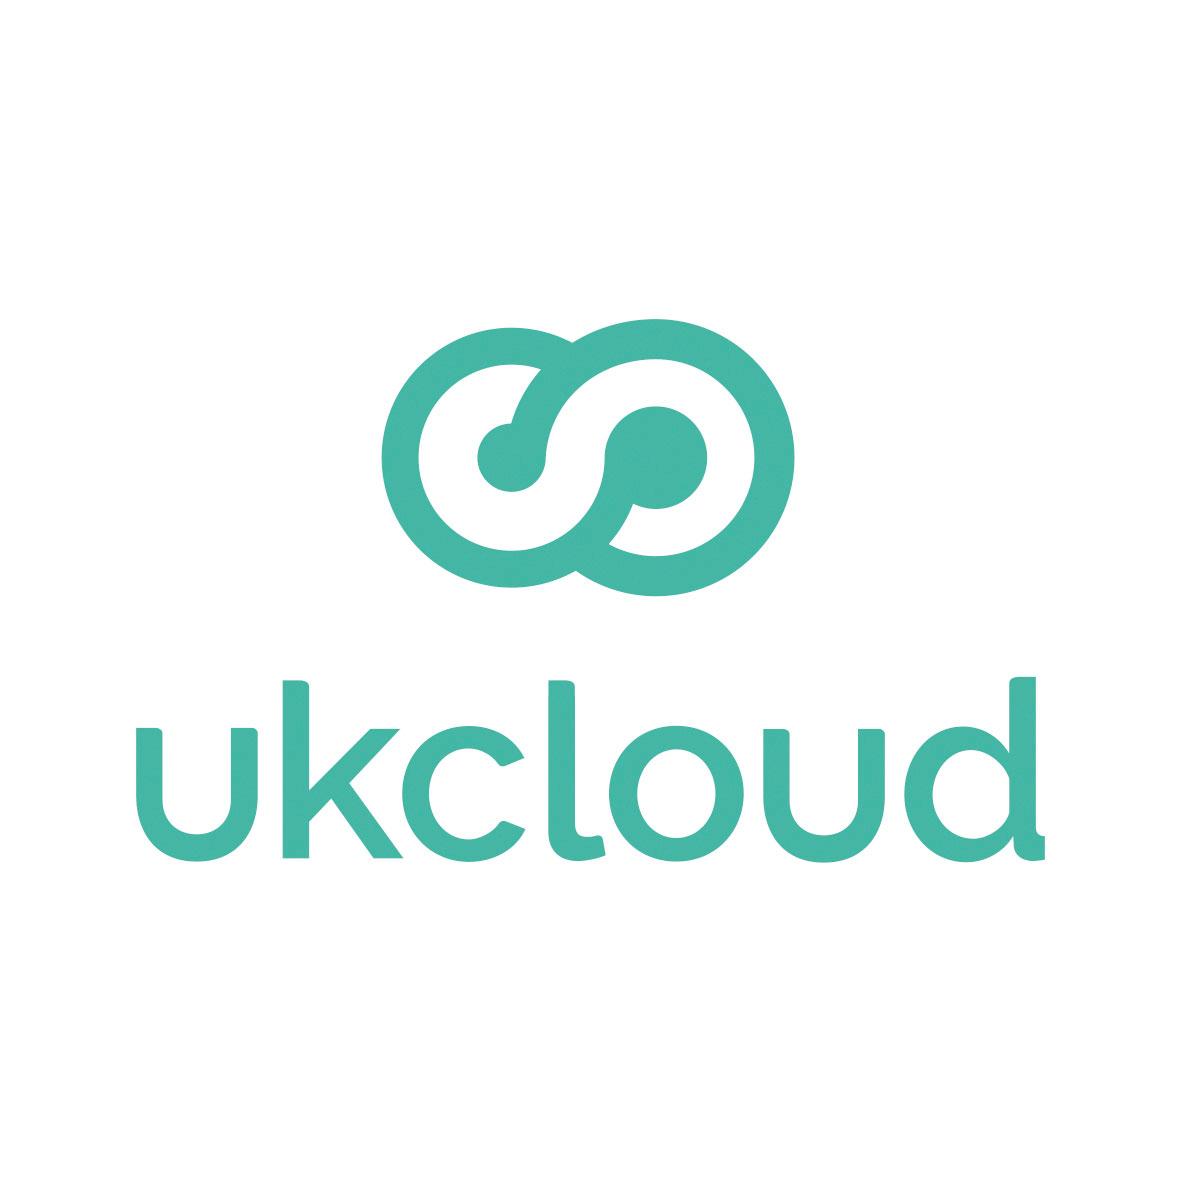 ukcloud_logos-11-edit